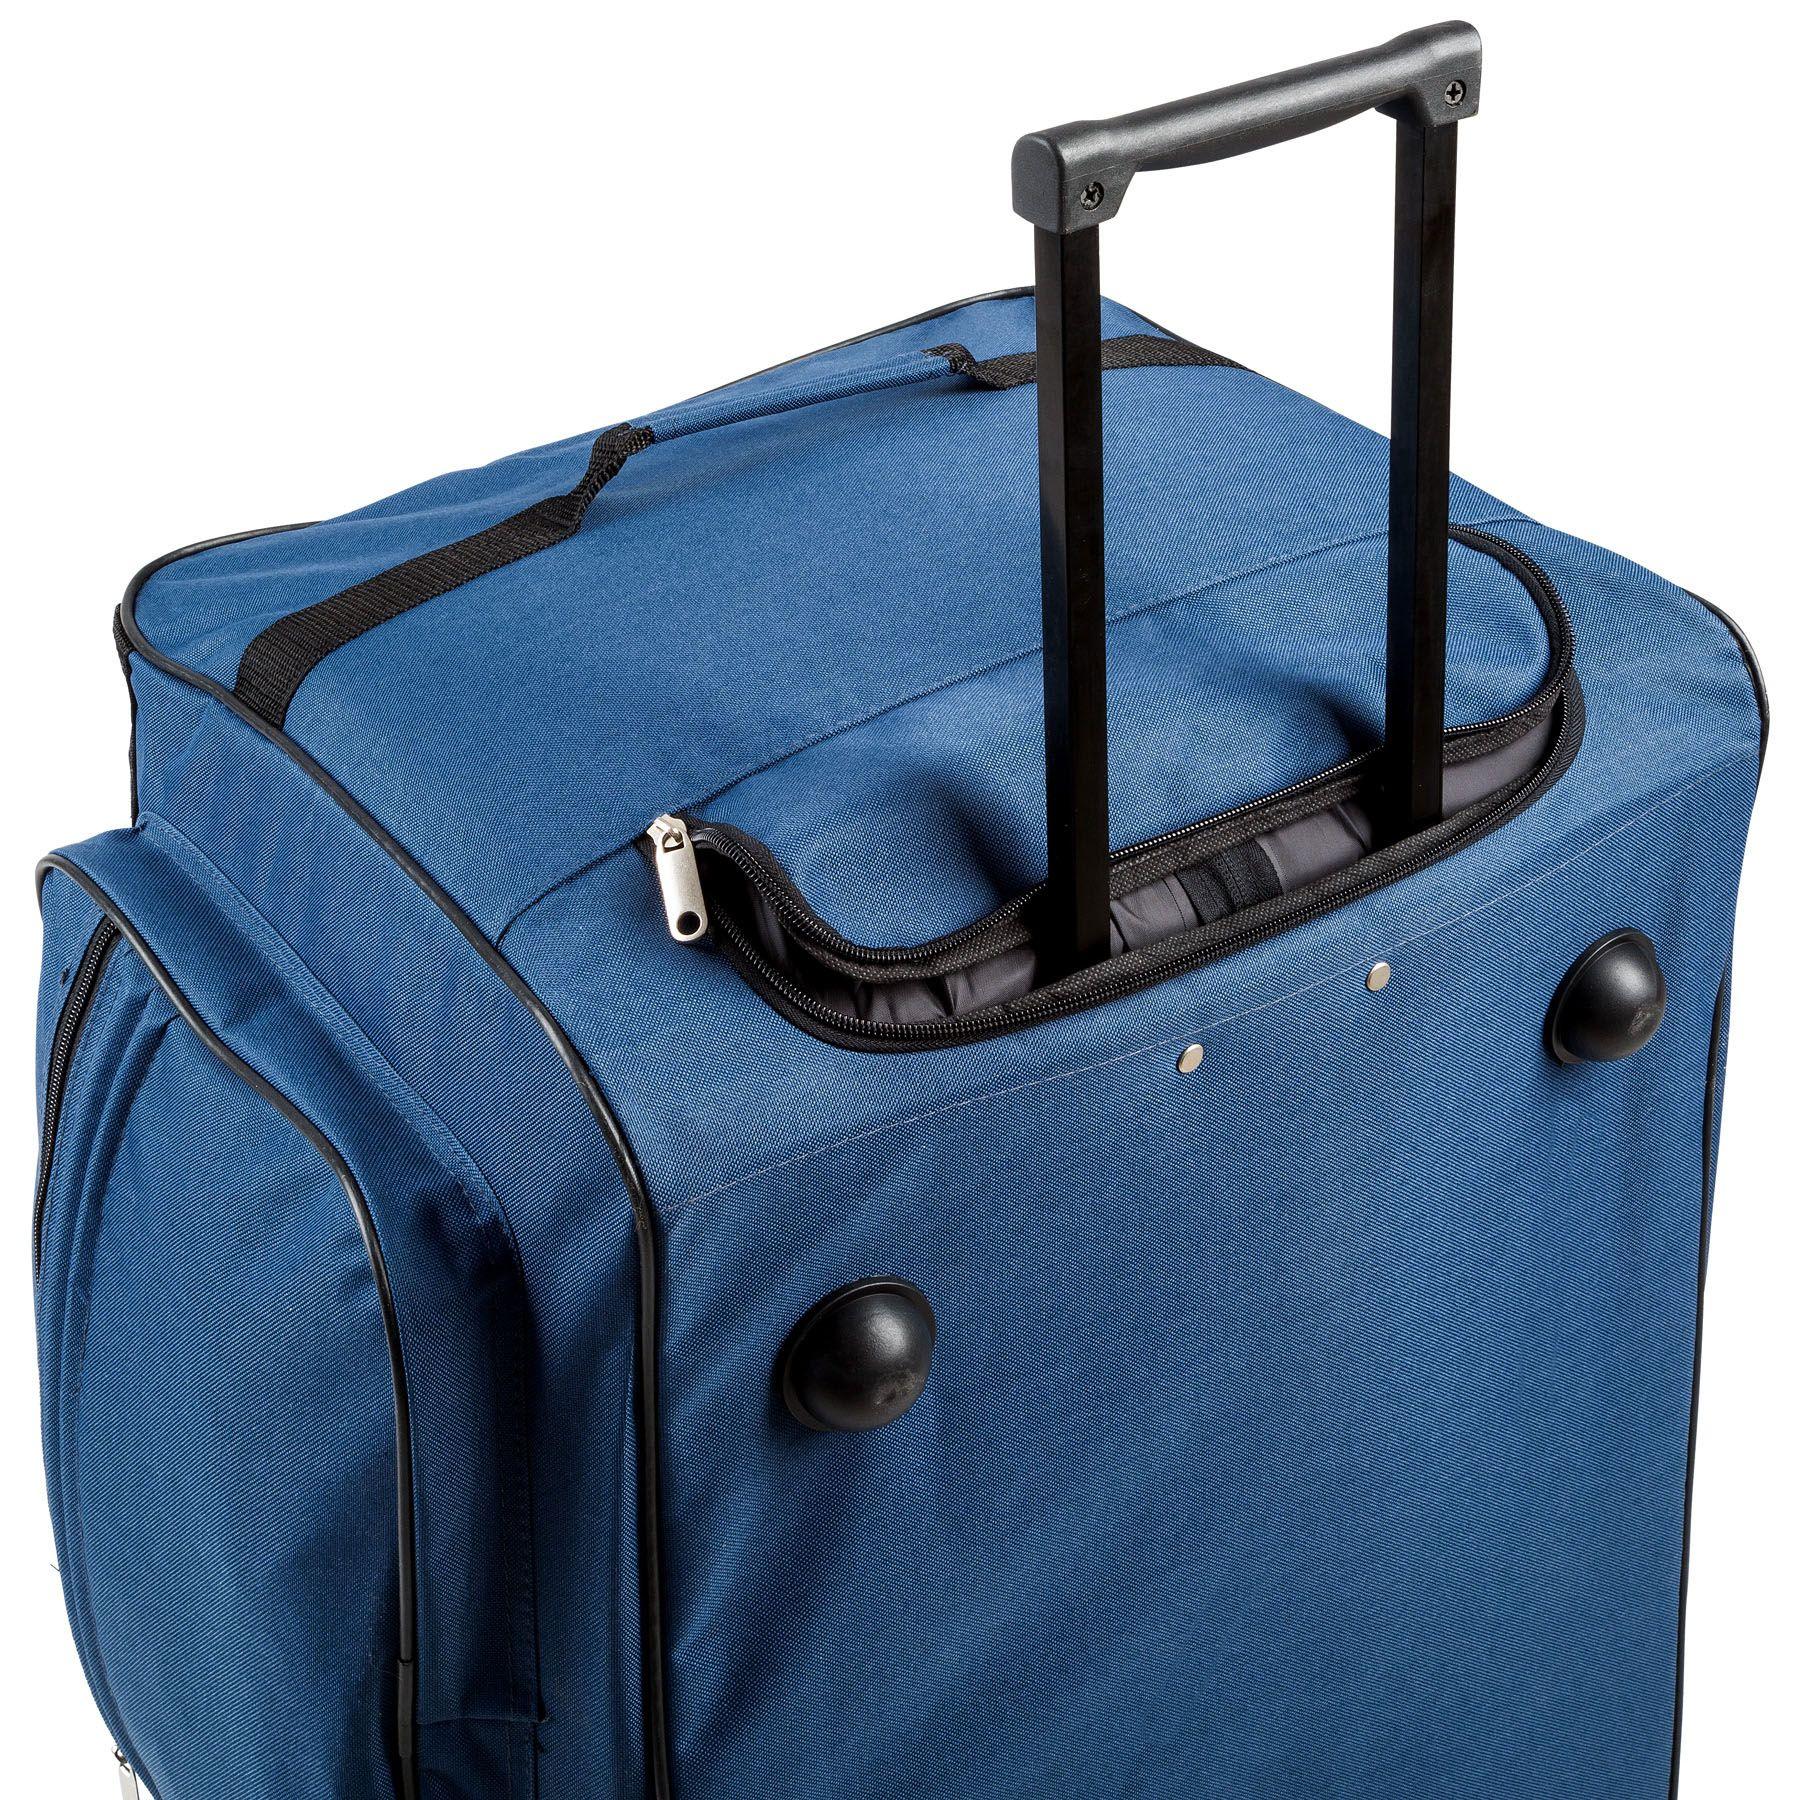 402215_4 Sac de voyage XXL valise trolley légère sport bagage à roulettes 160 litres